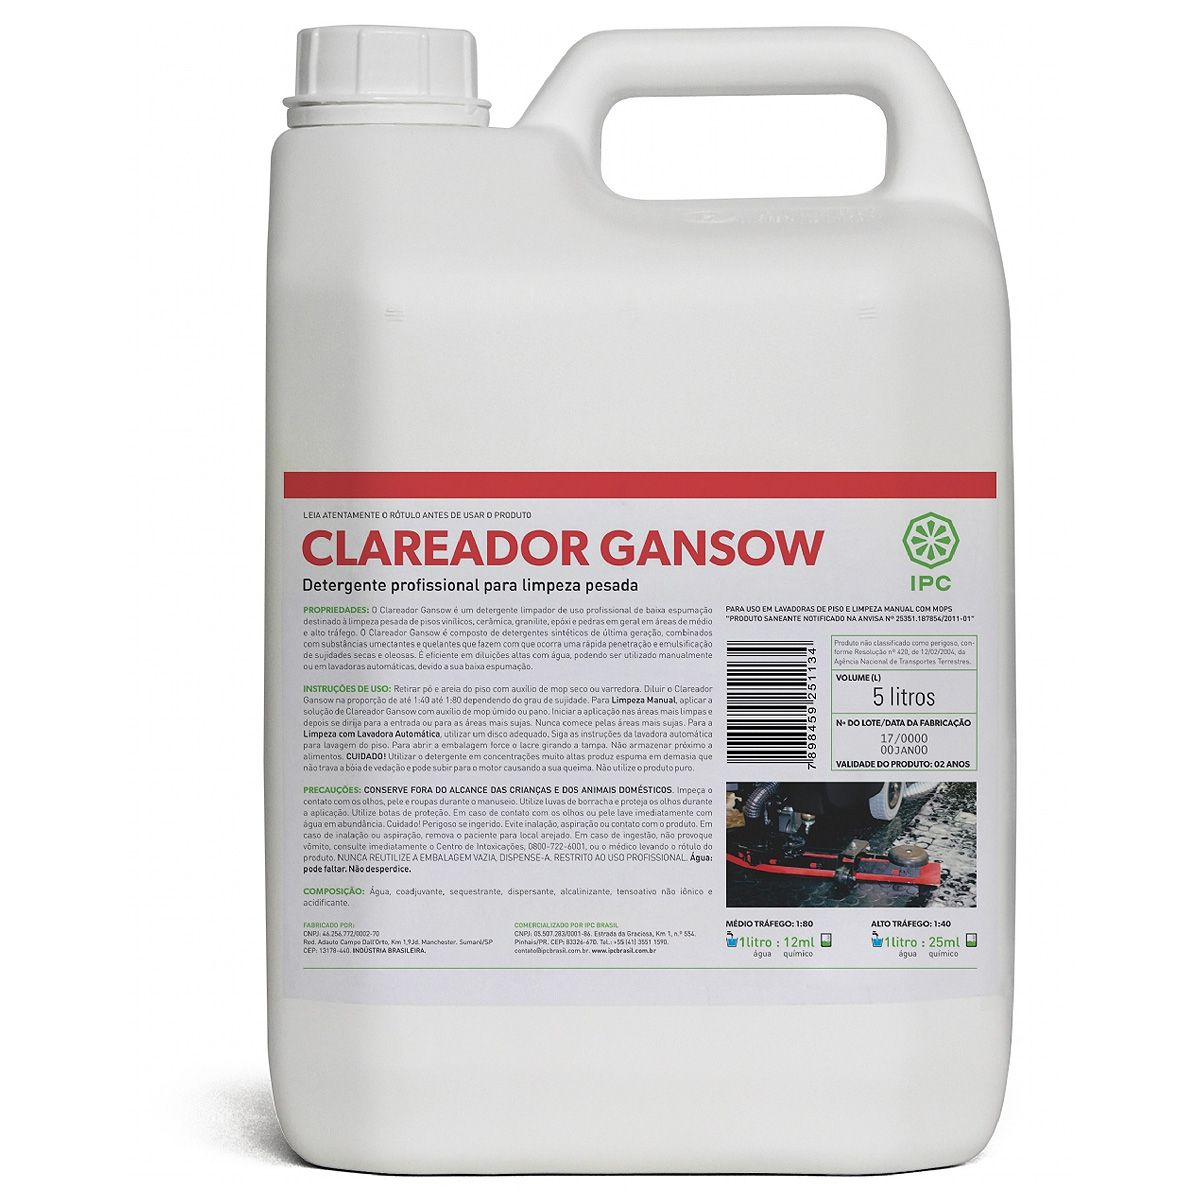 Clareador Gansow Limpeza pesada 5 Litros Ipc Soteco